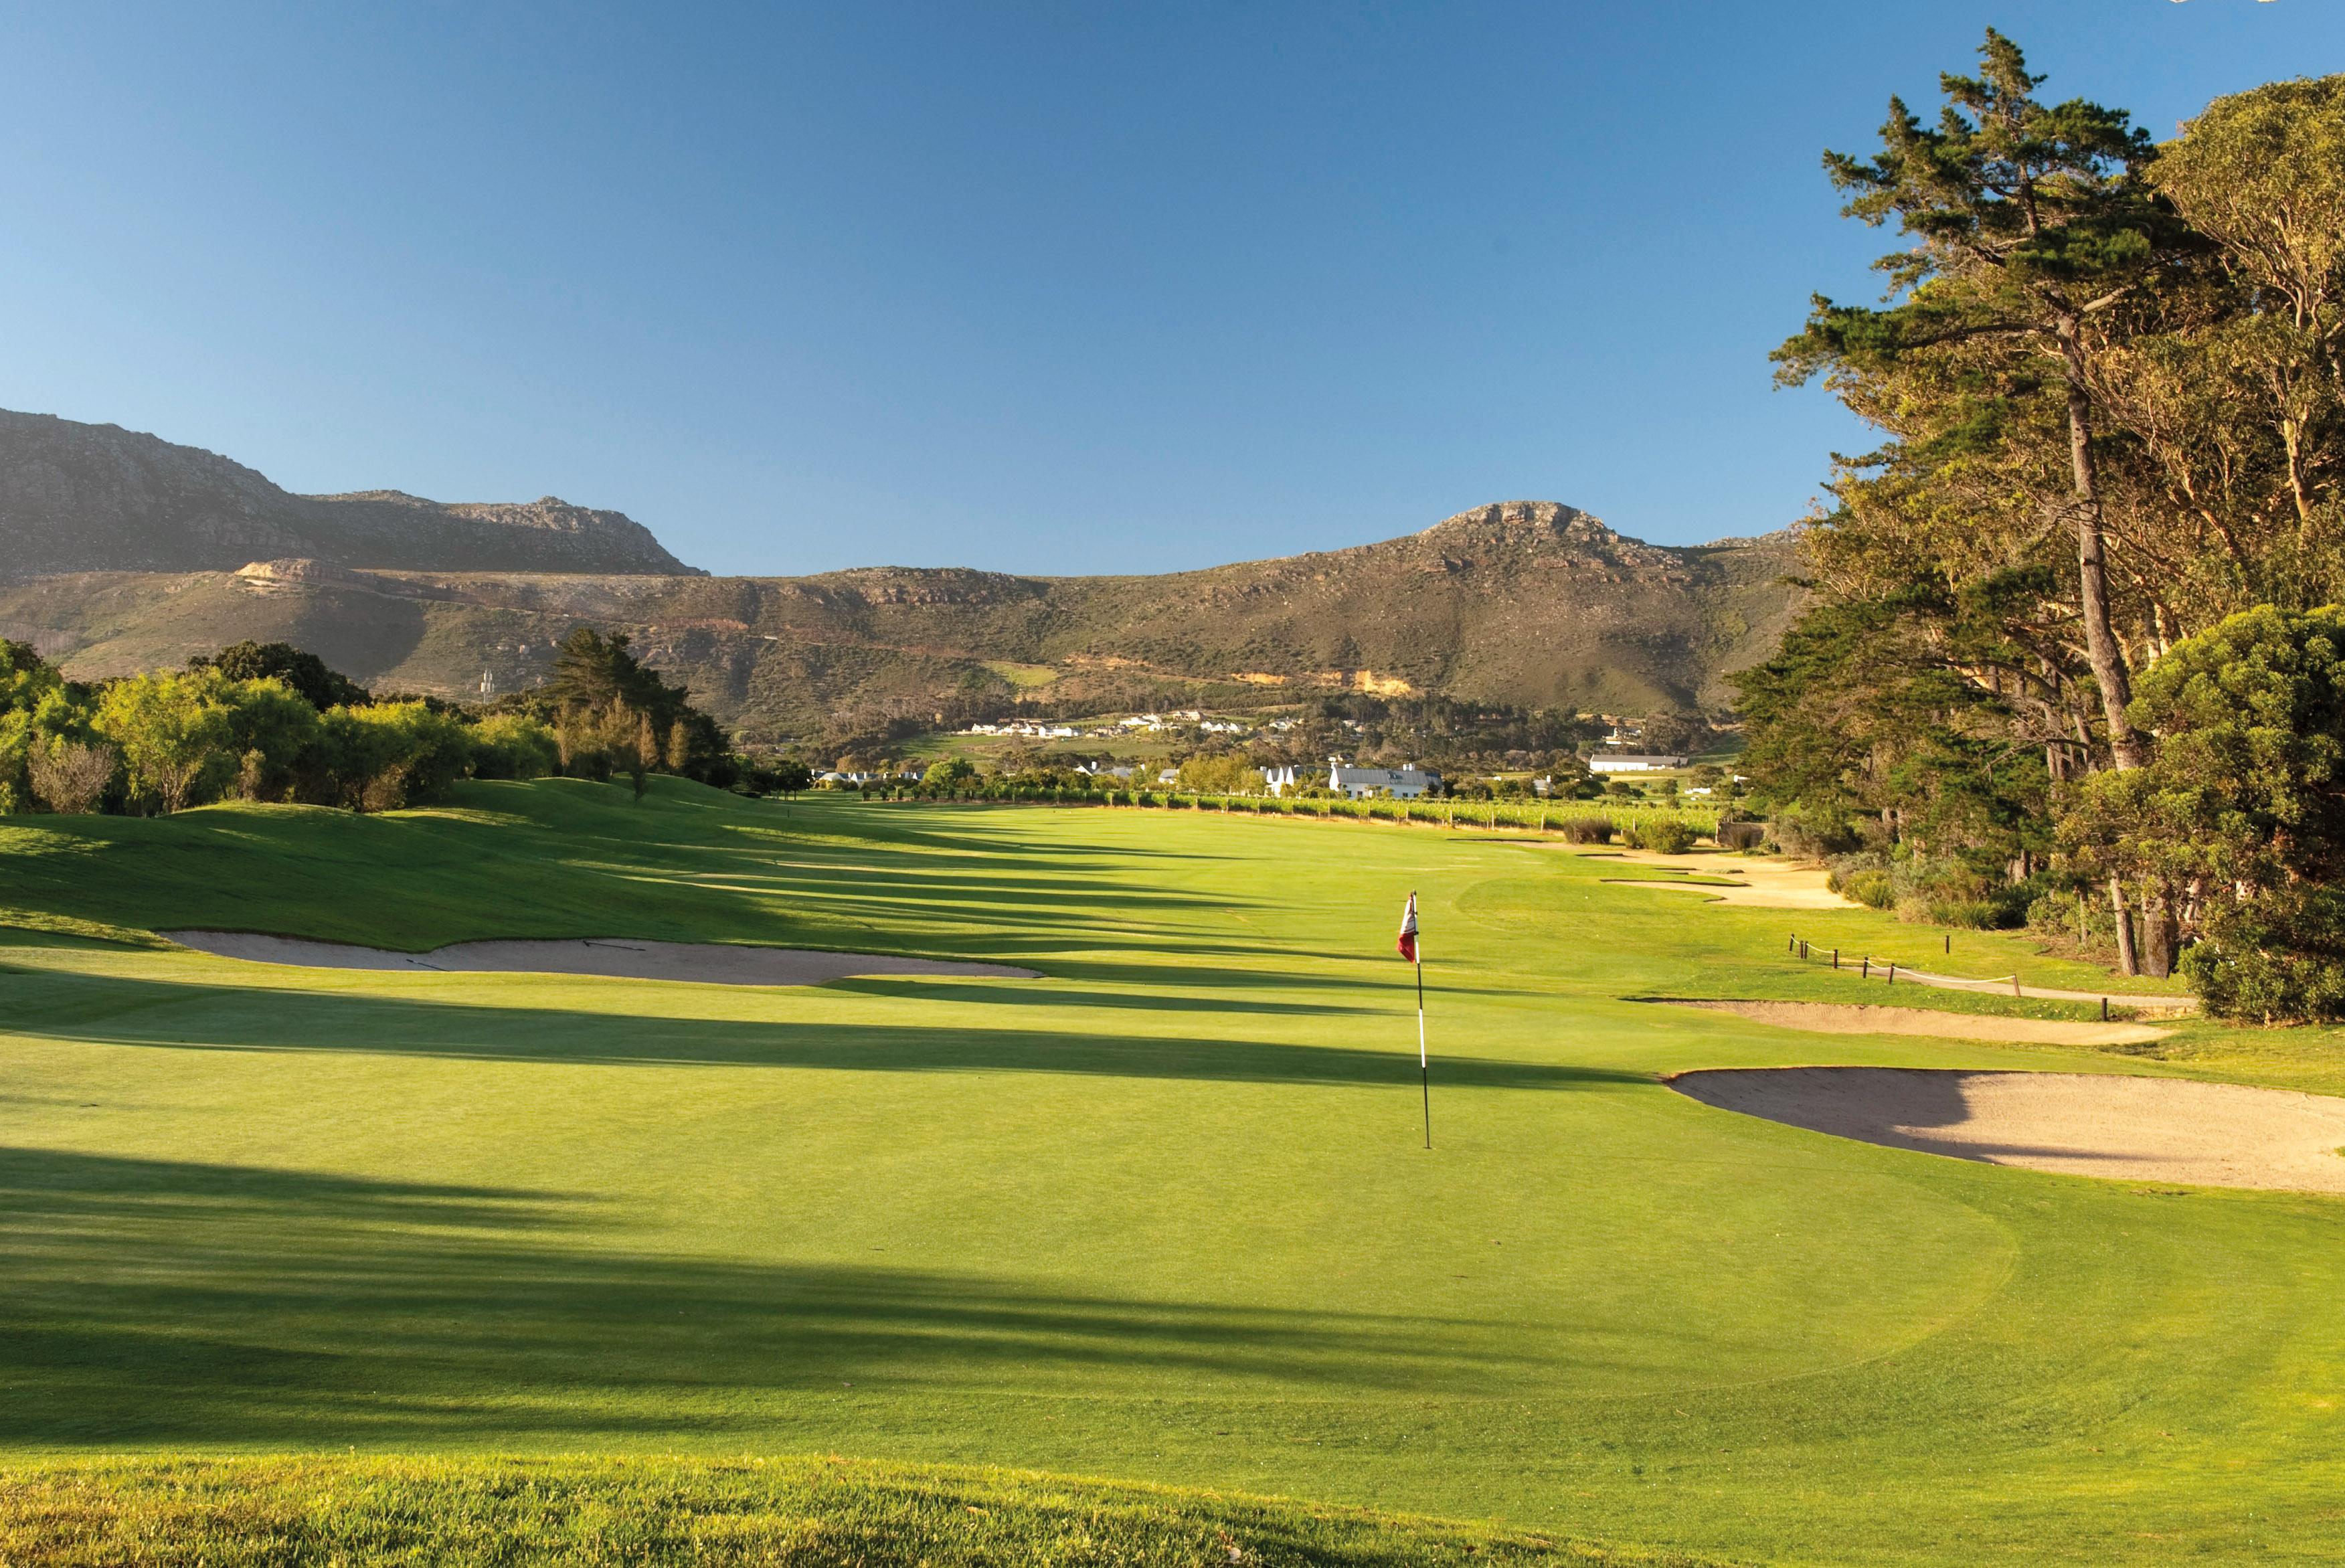 golf gruppenreise südafrika golf und wein 2018